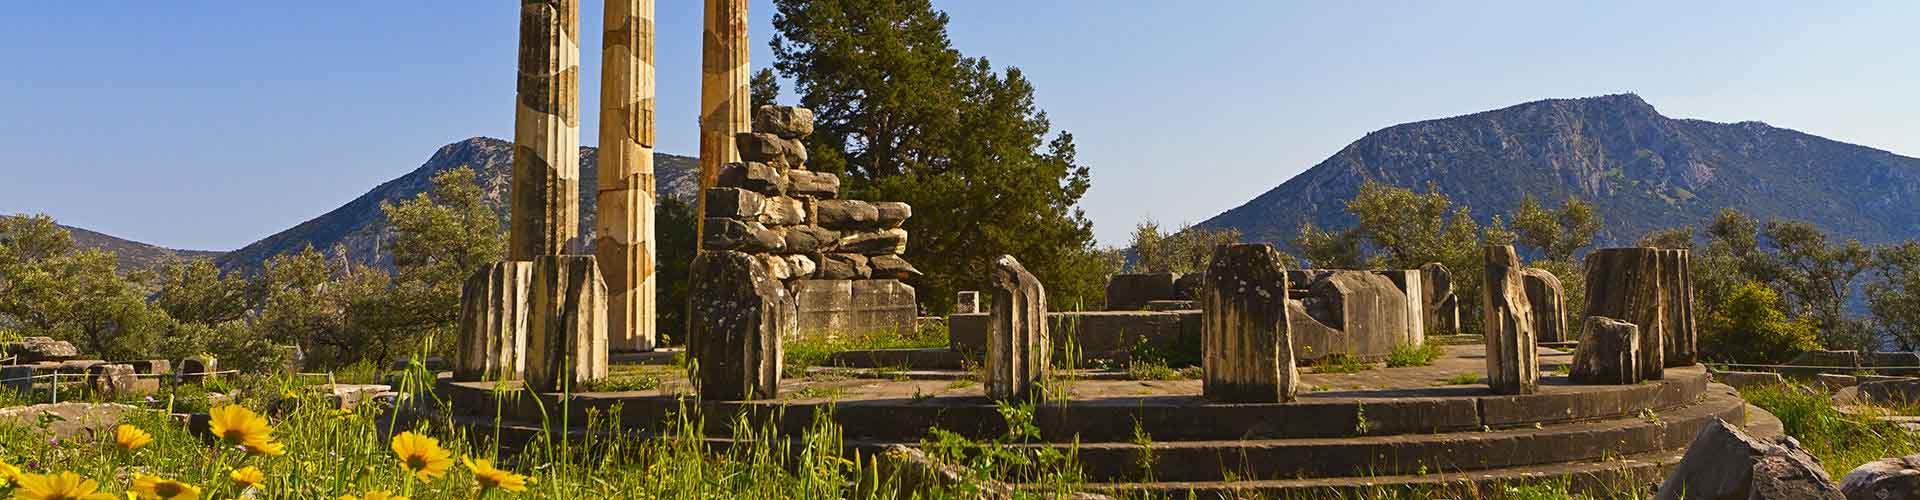 Delphi - Campamentos en Delphi. Mapas de Delphi, Fotos y comentarios de cada Campamento en Delphi.